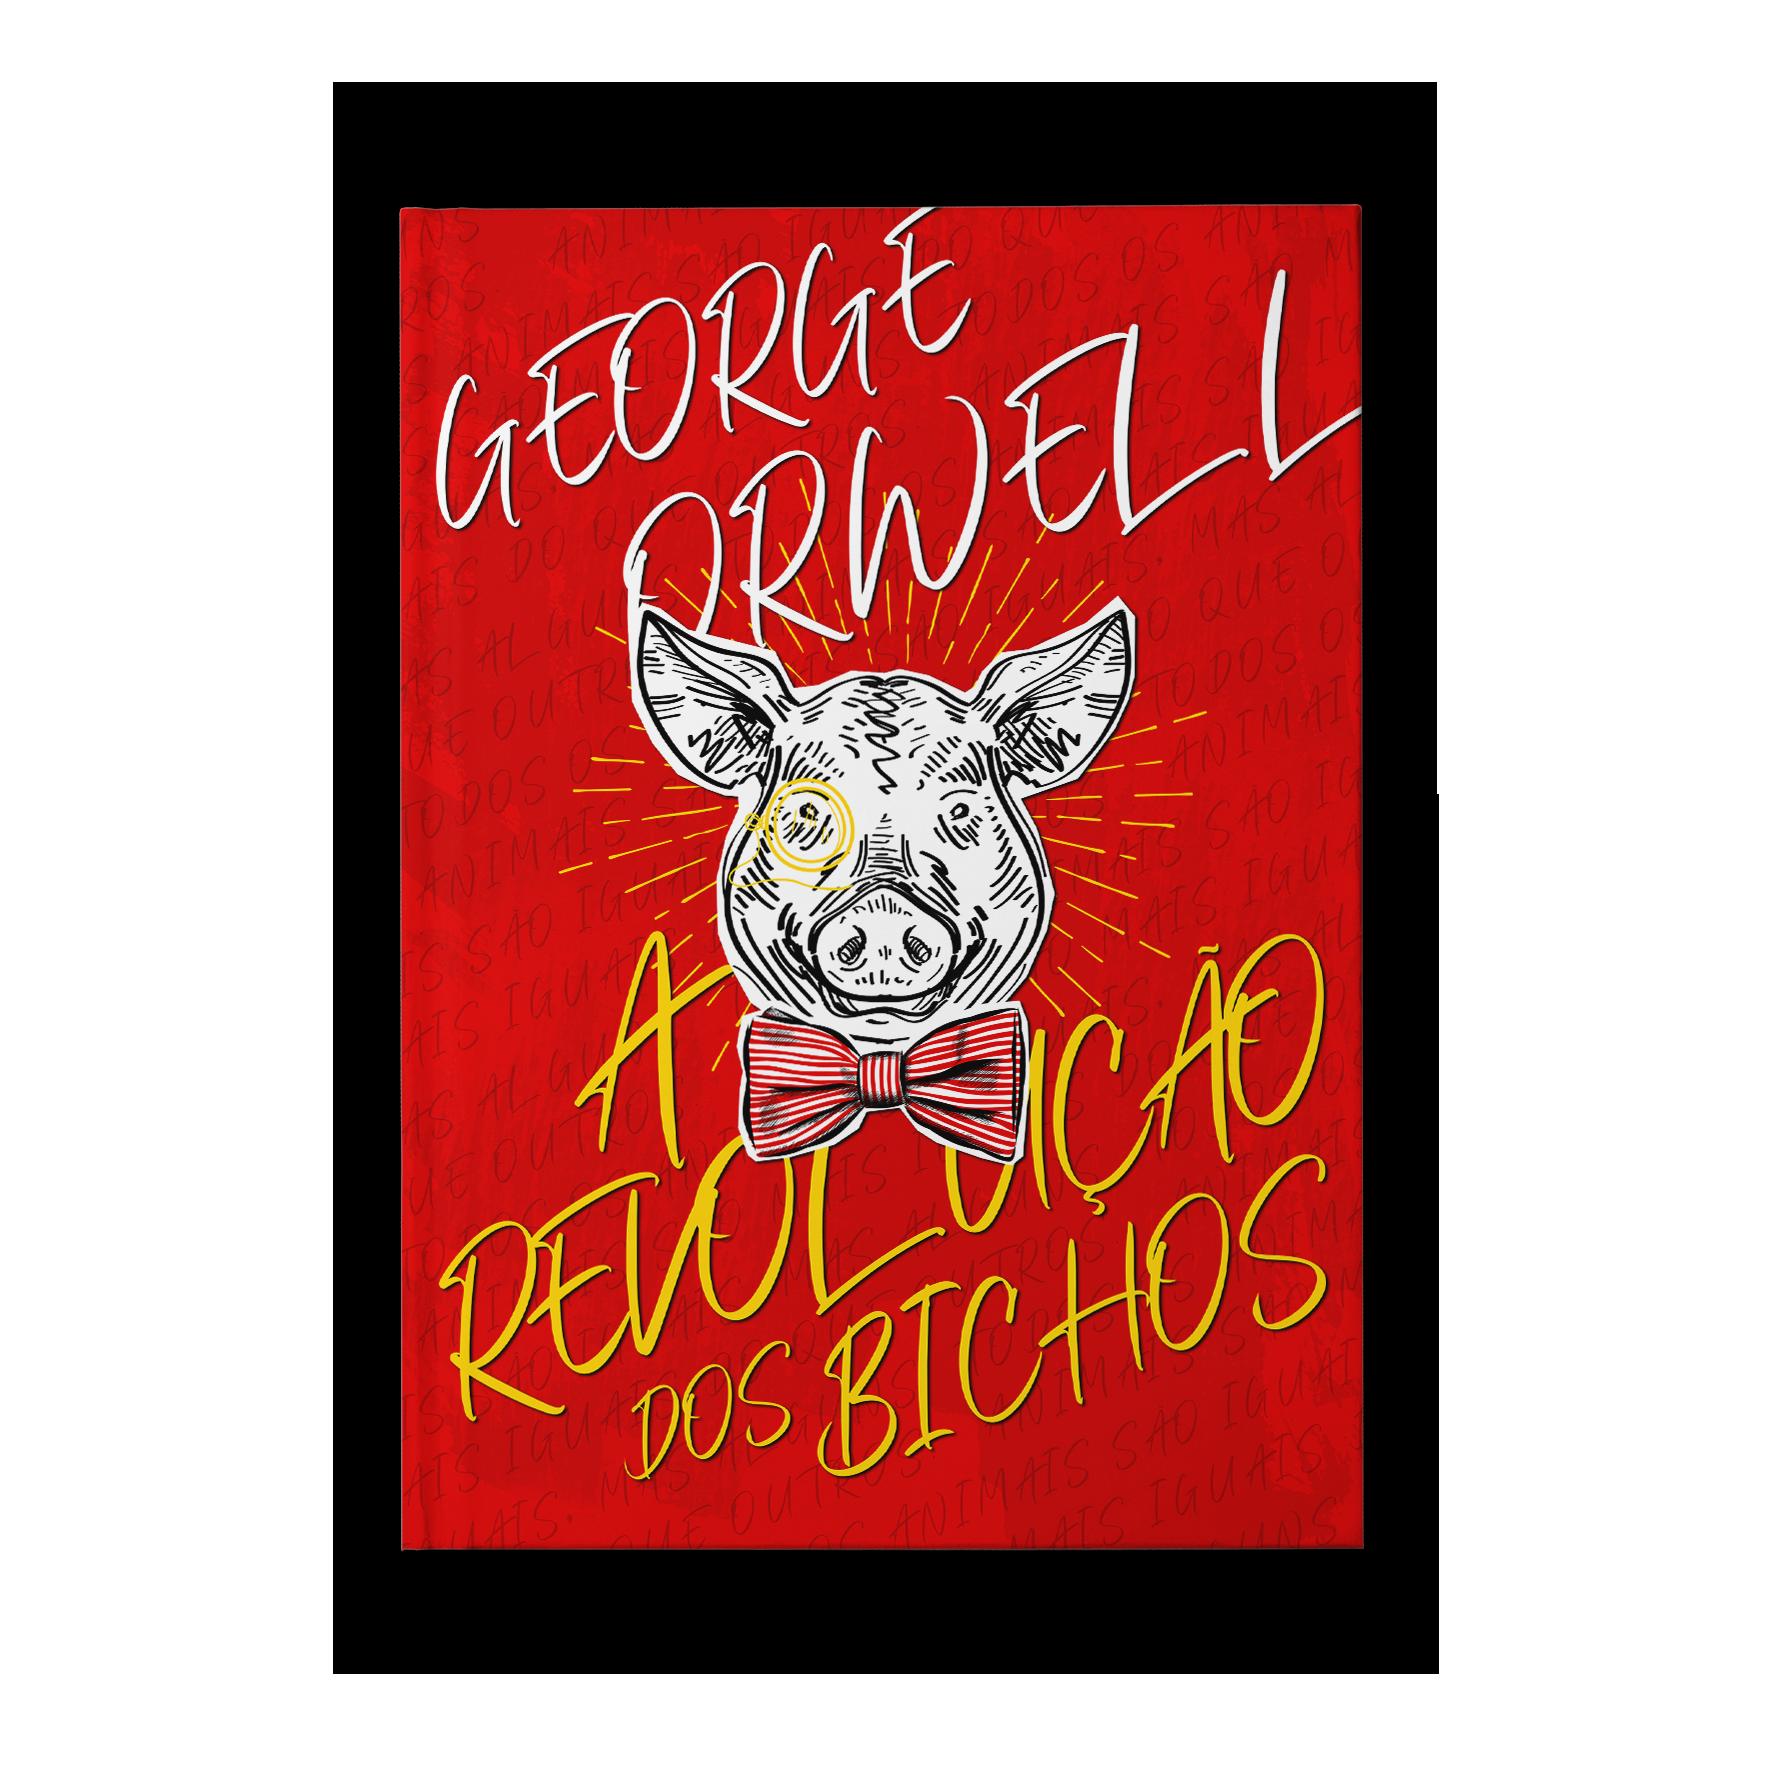 A revolução dos bichos – George Orwell